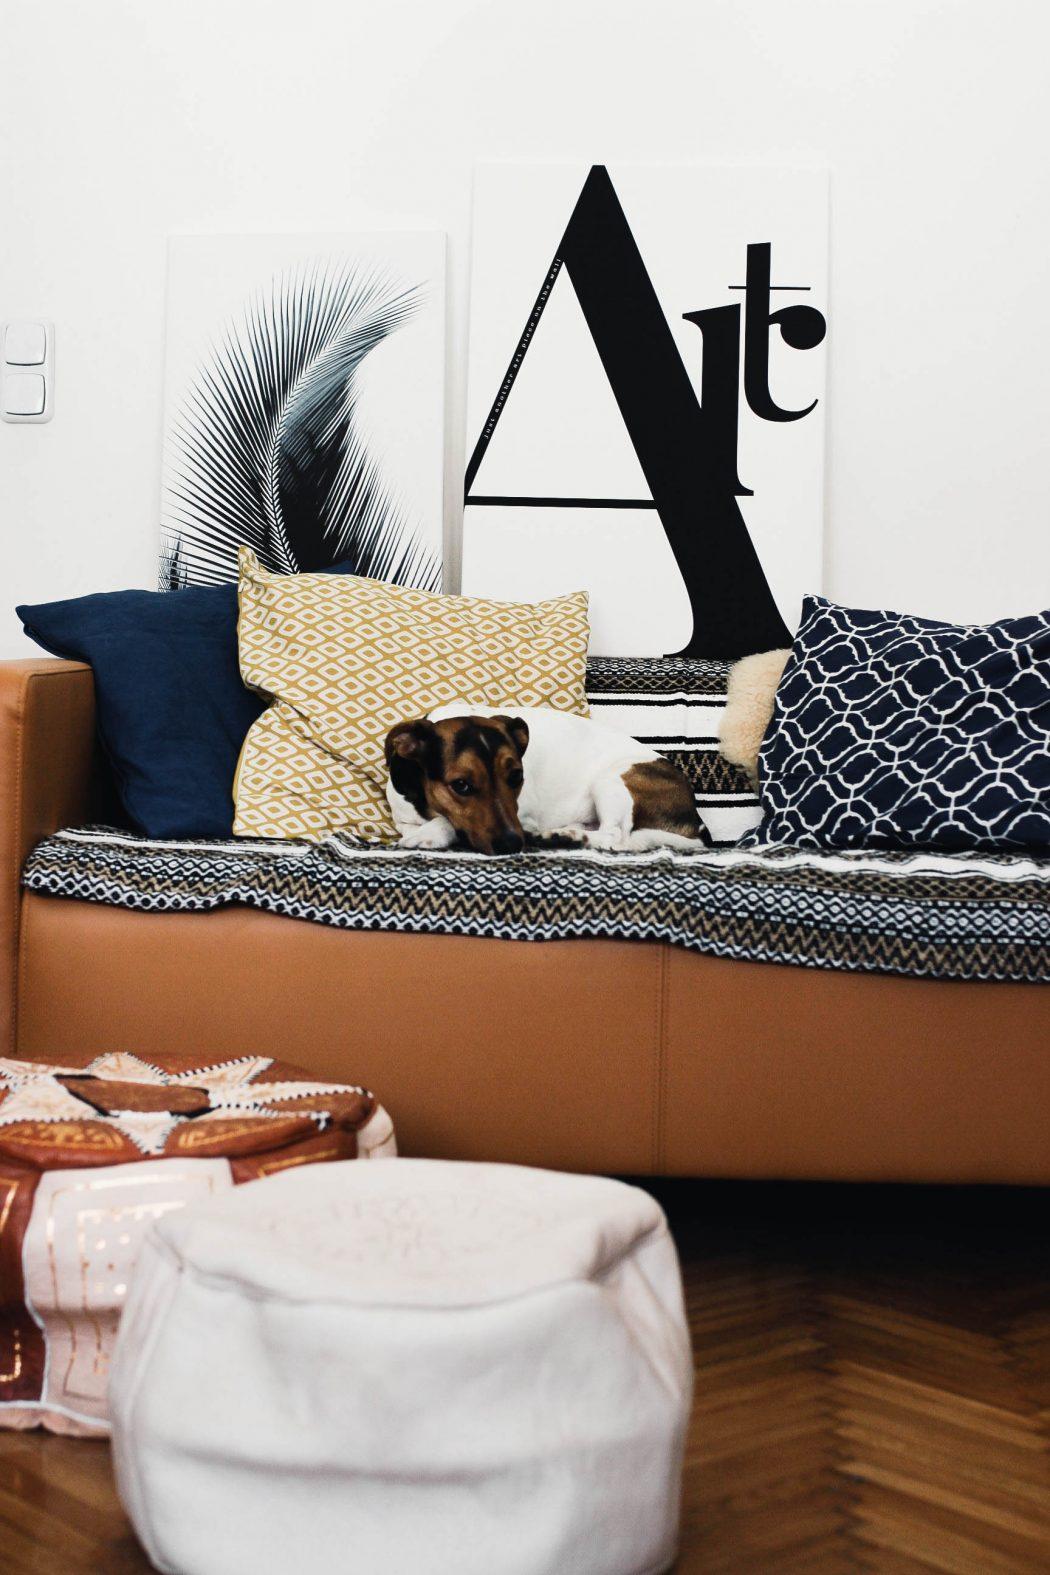 Tipps und Tricks für ein gemütliches Zuhause | Leonie-Rachel